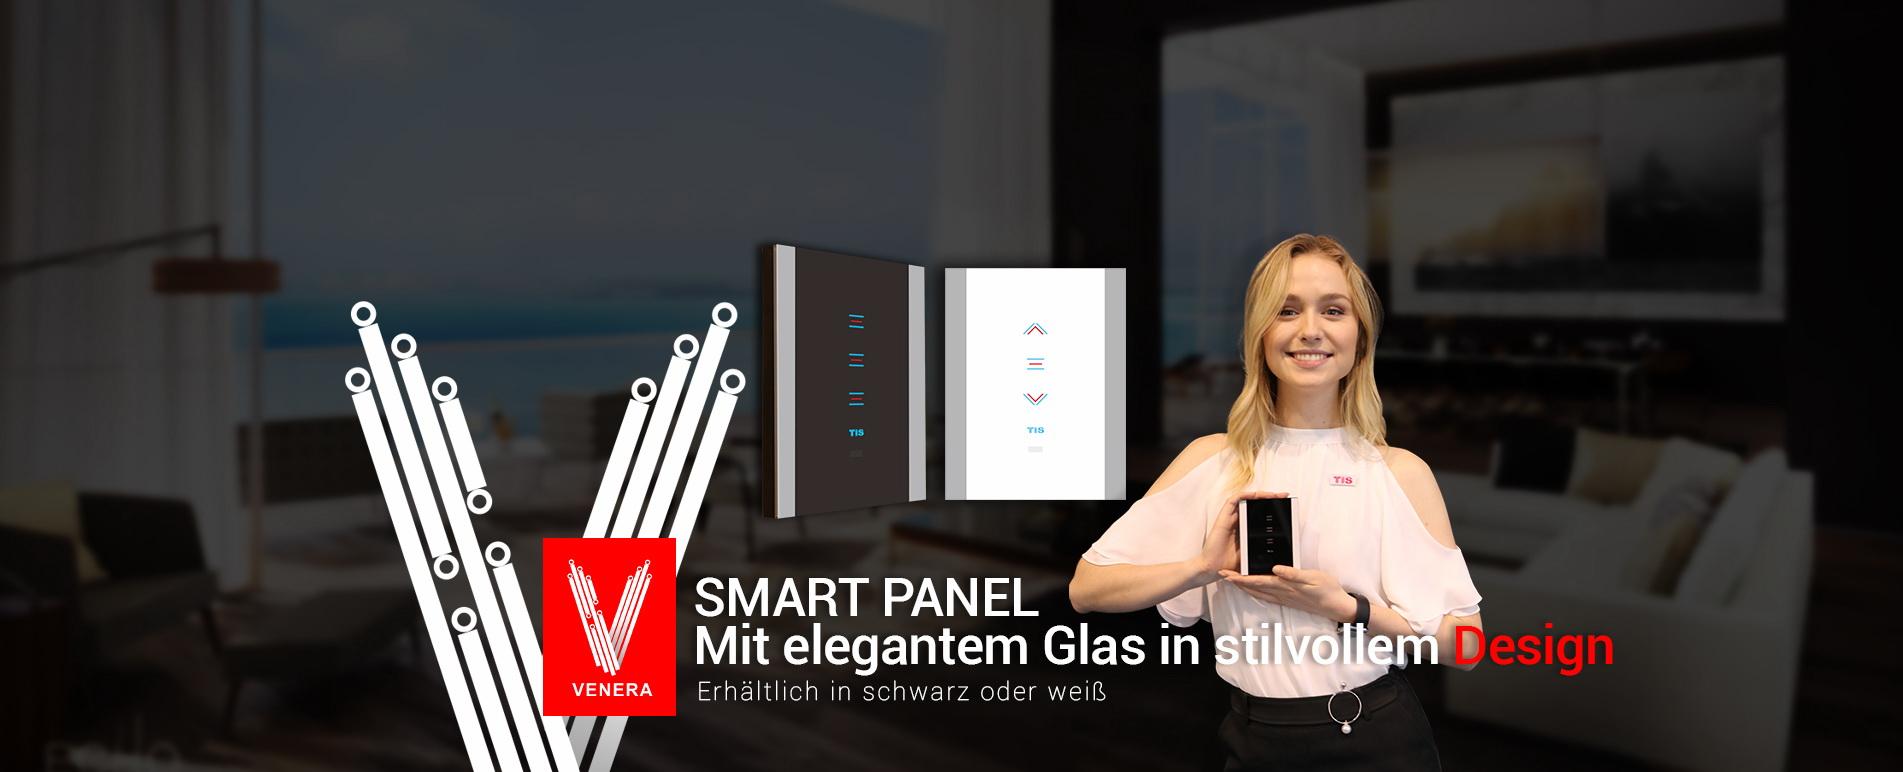 TIS Technology – Venera Intelligenter WLAN-Lichtschalter